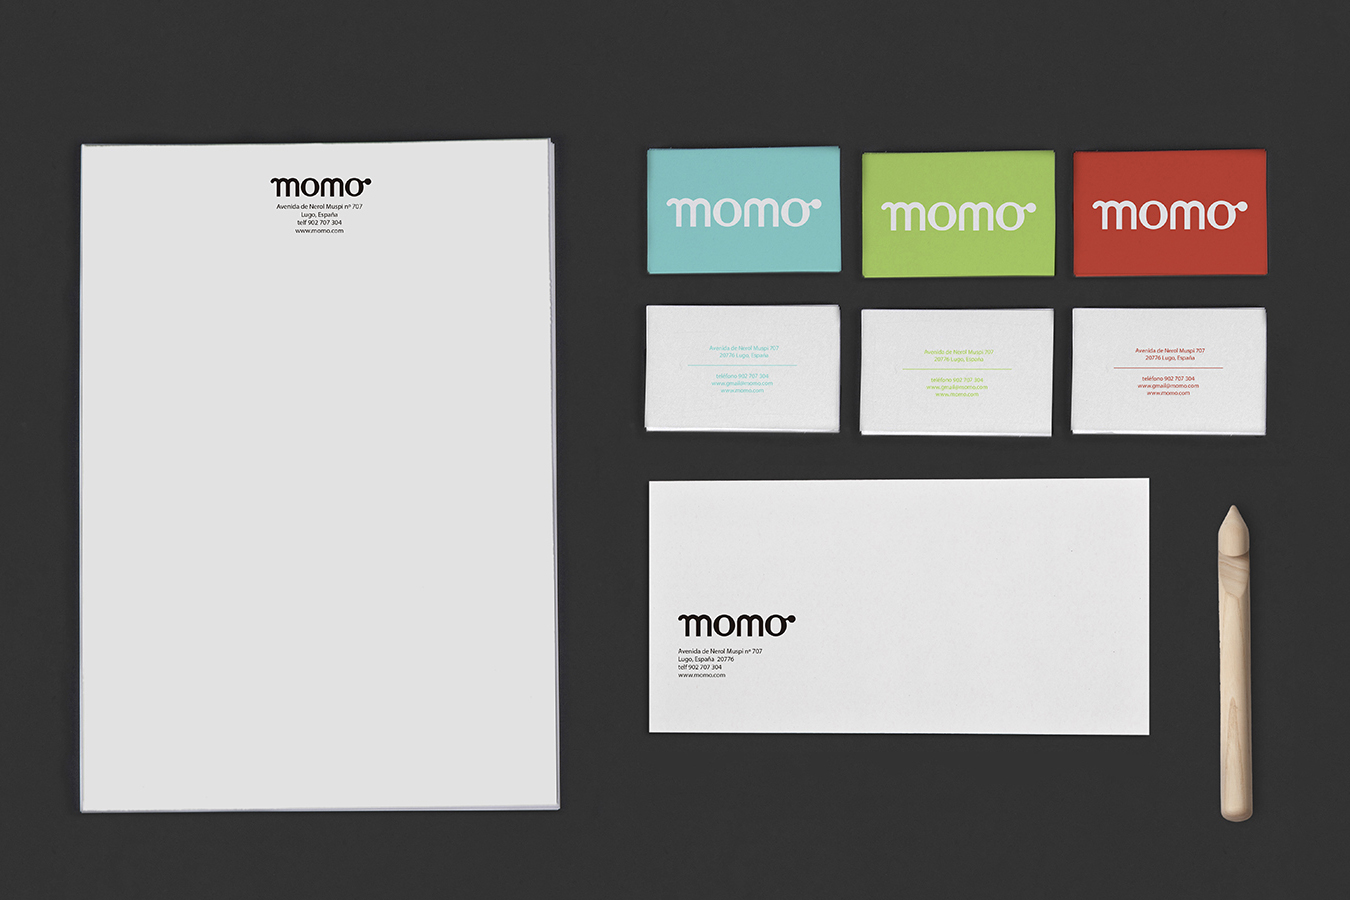 mock up del diseño dla papelería de la marca Momo